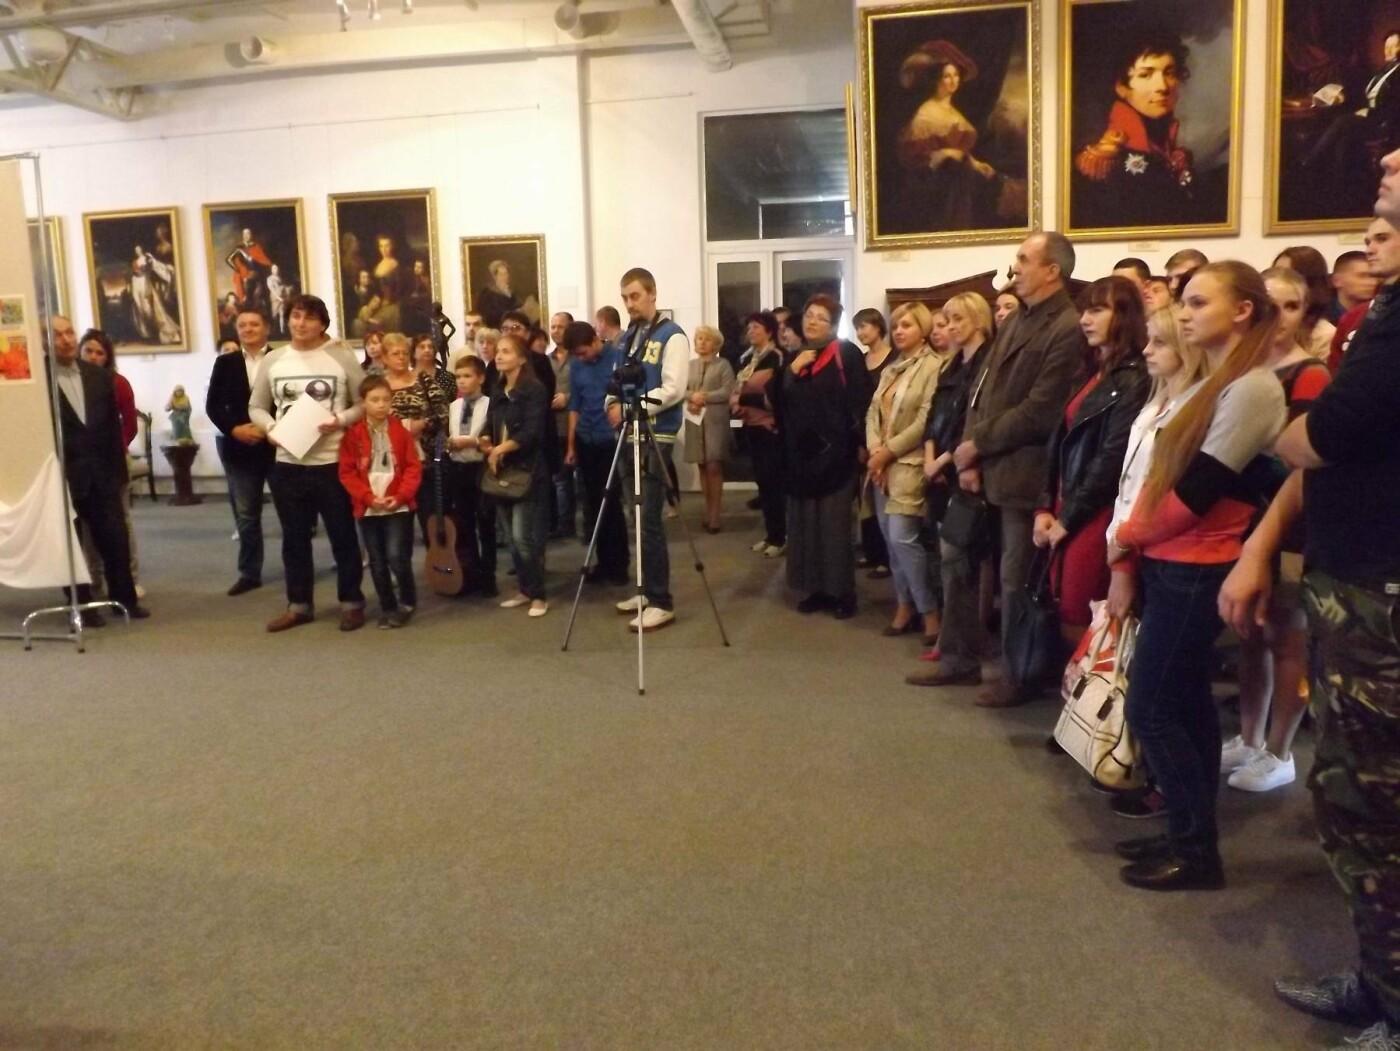 У Білоцерківському краєзнавчому музеї відкрилася виставка живопису «Сонце осені»